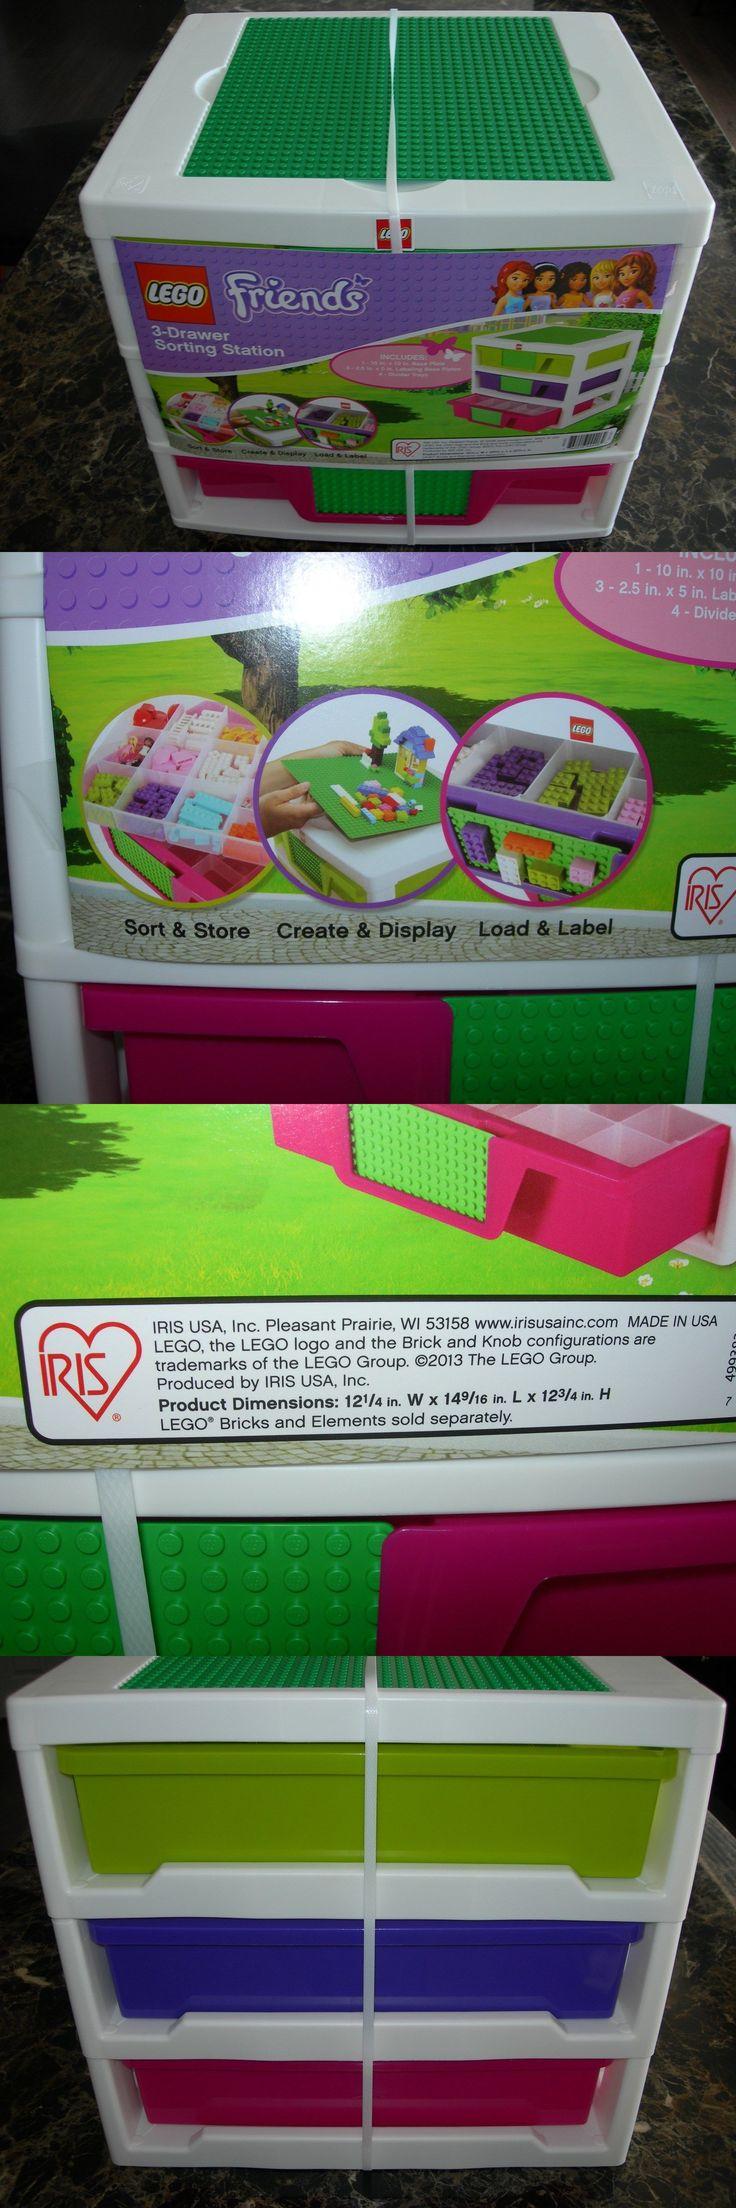 LEGO Branded Storage 183450: New Lego Friends Storage Unit 3 Drawer Sorting Station 15 L X 12 W X 13 H Iris -> BUY IT NOW ONLY: $69.95 on eBay!